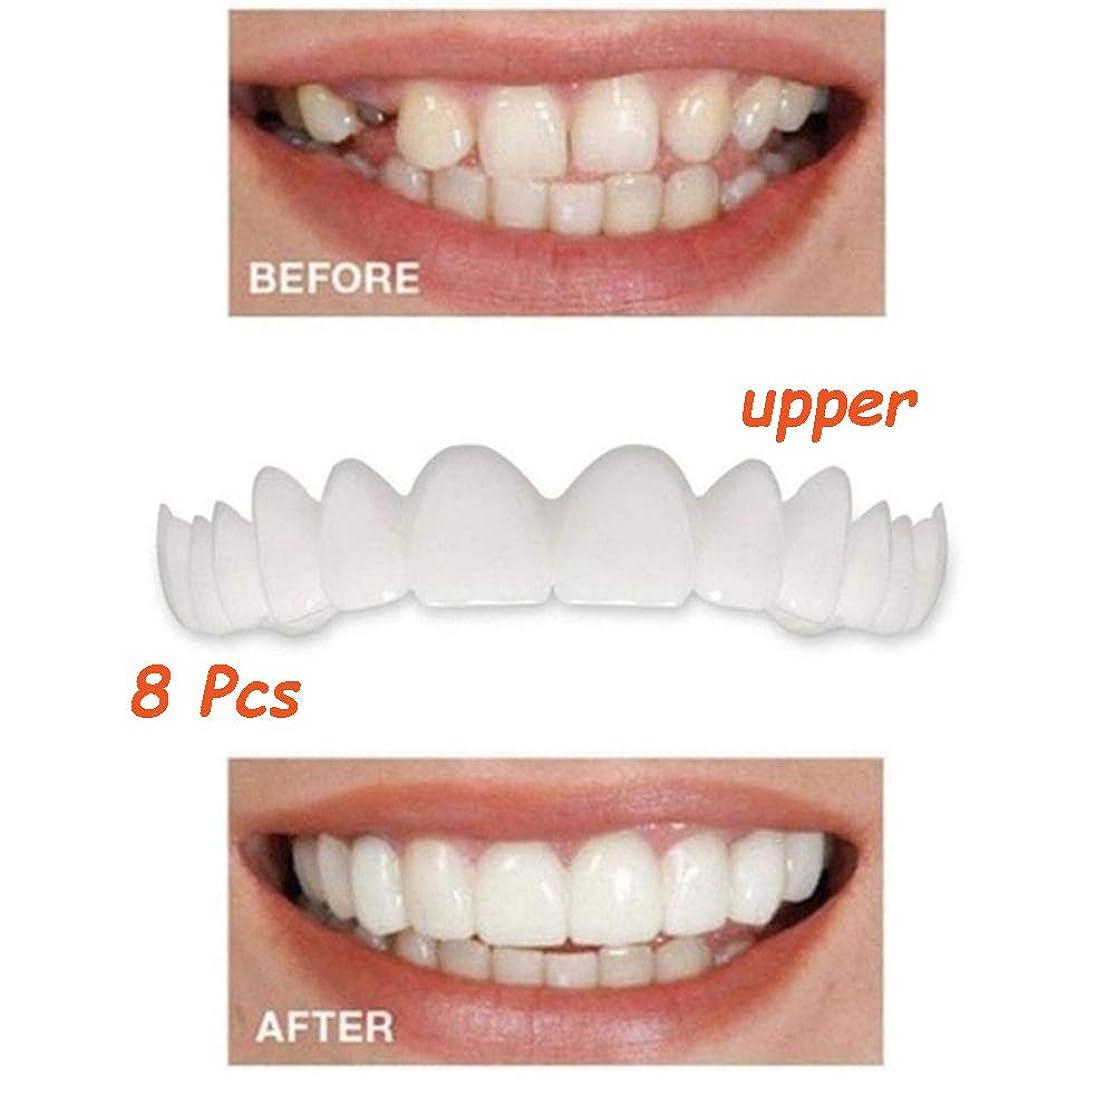 パイプ生理応じる8ピース美しい快適フィットフレックス化粧品歯義歯男性用トップス化粧品突き合わせ歯科矯正用具(トップ)